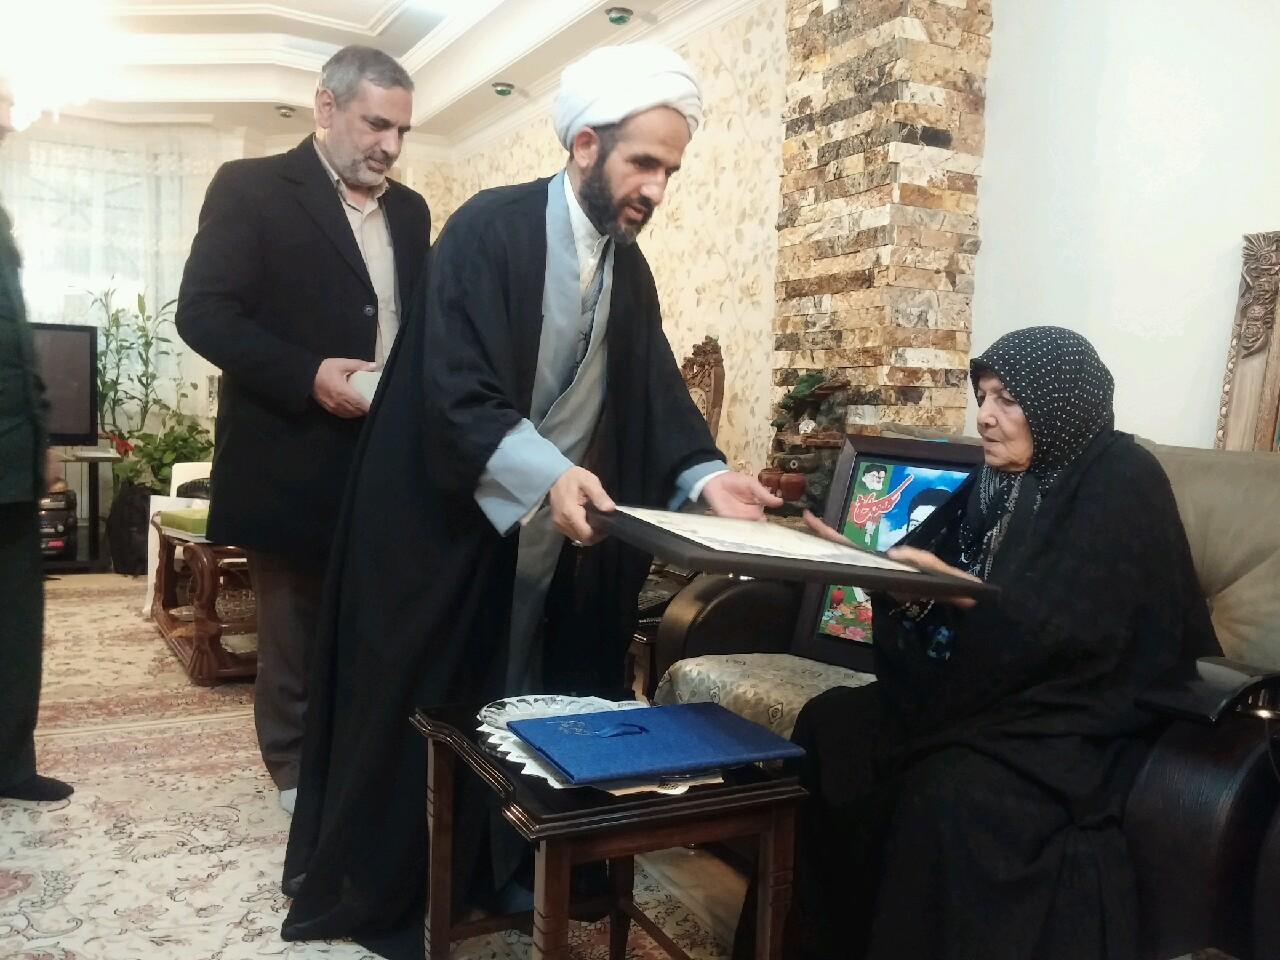 شهادت 2 برادر شهید در یک روز